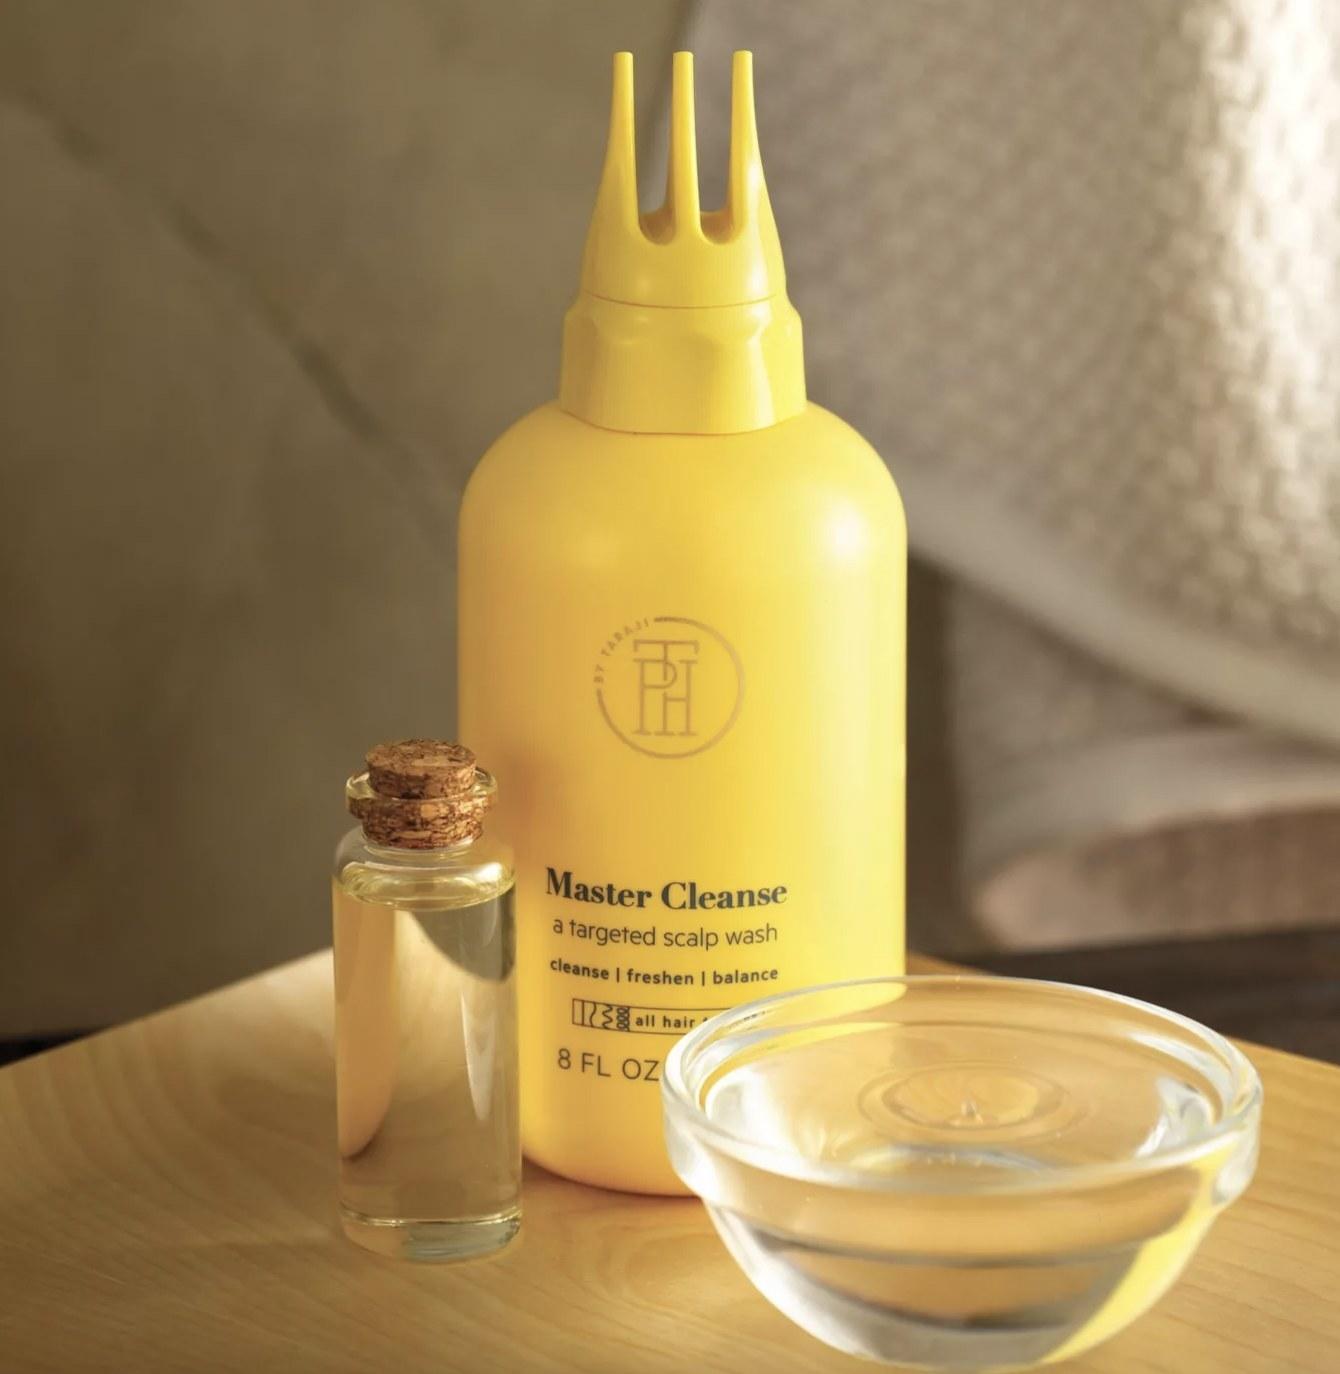 A bottle of scalp wash